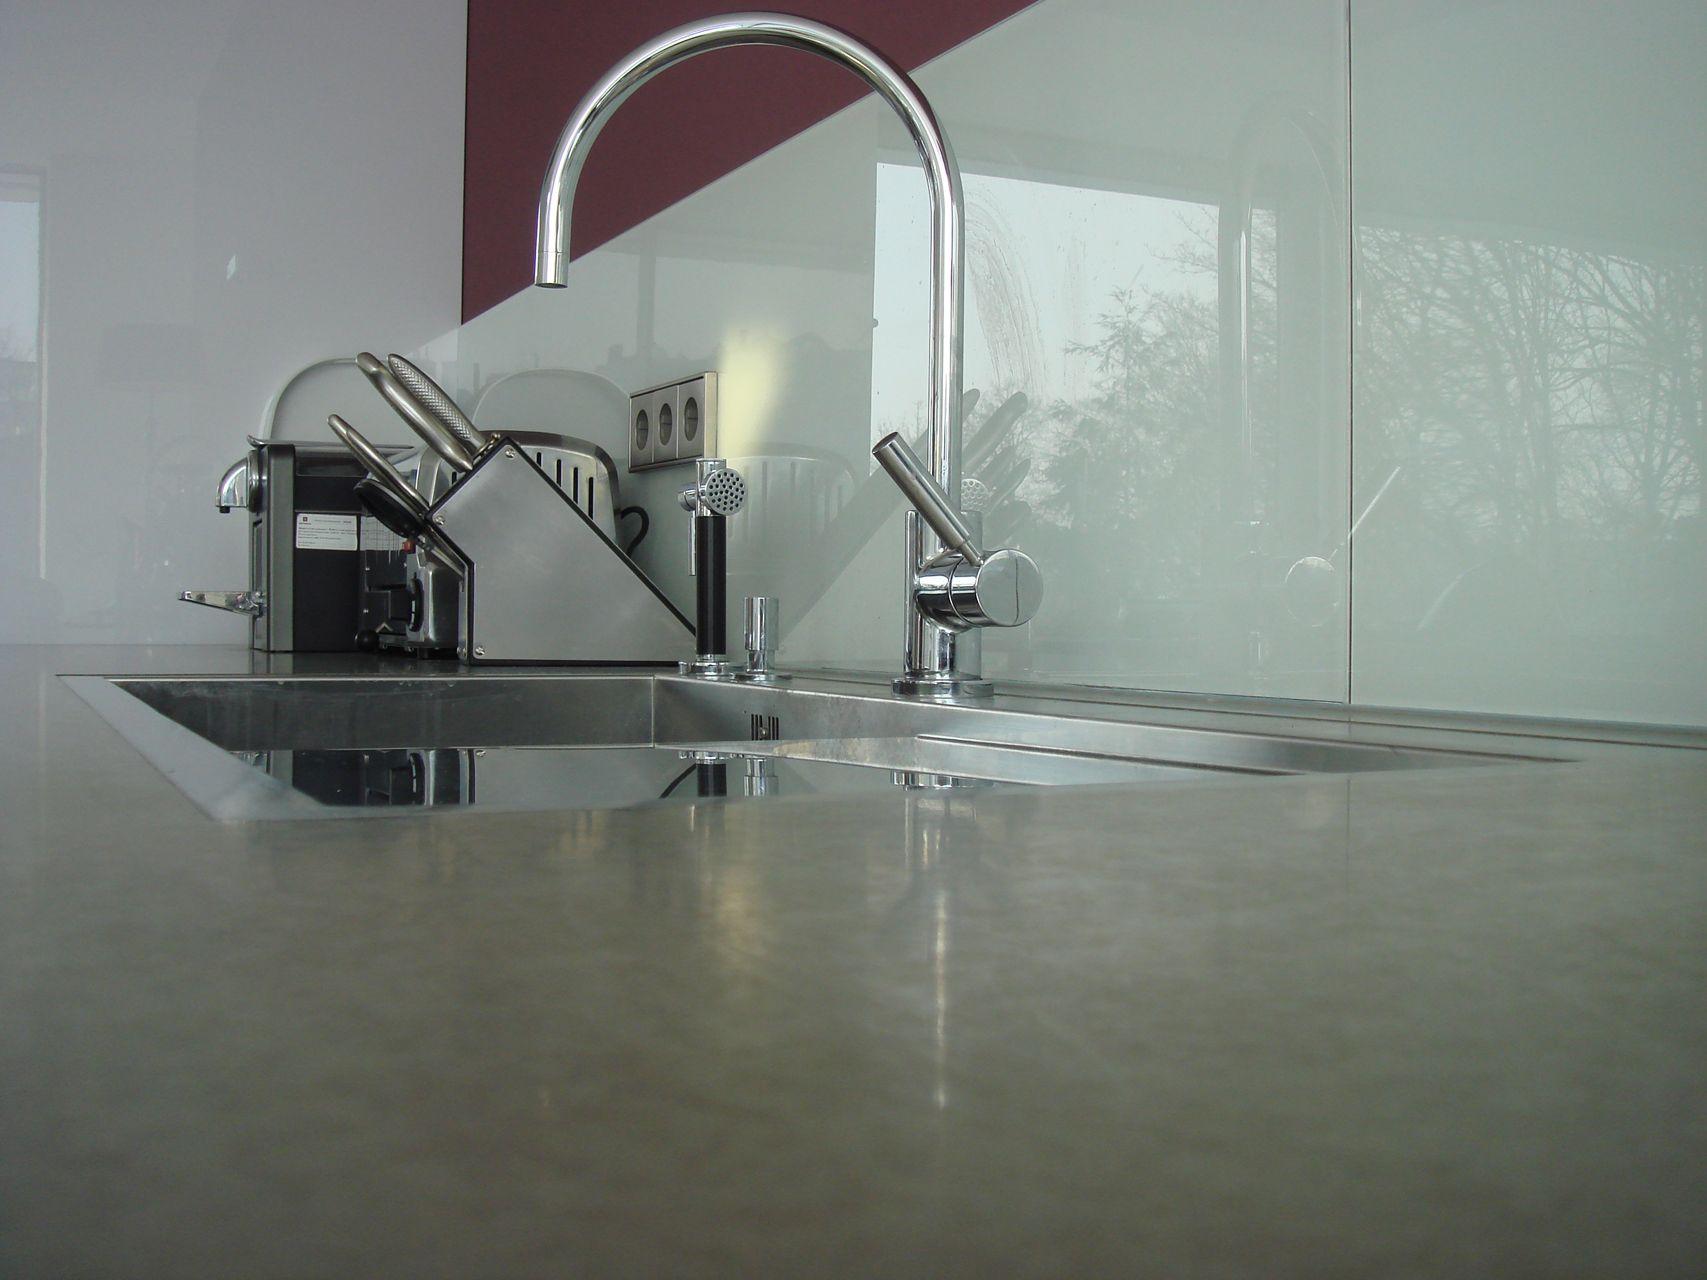 Betonküche hr betondesign betonküchen betonküche nach maß shopping casa